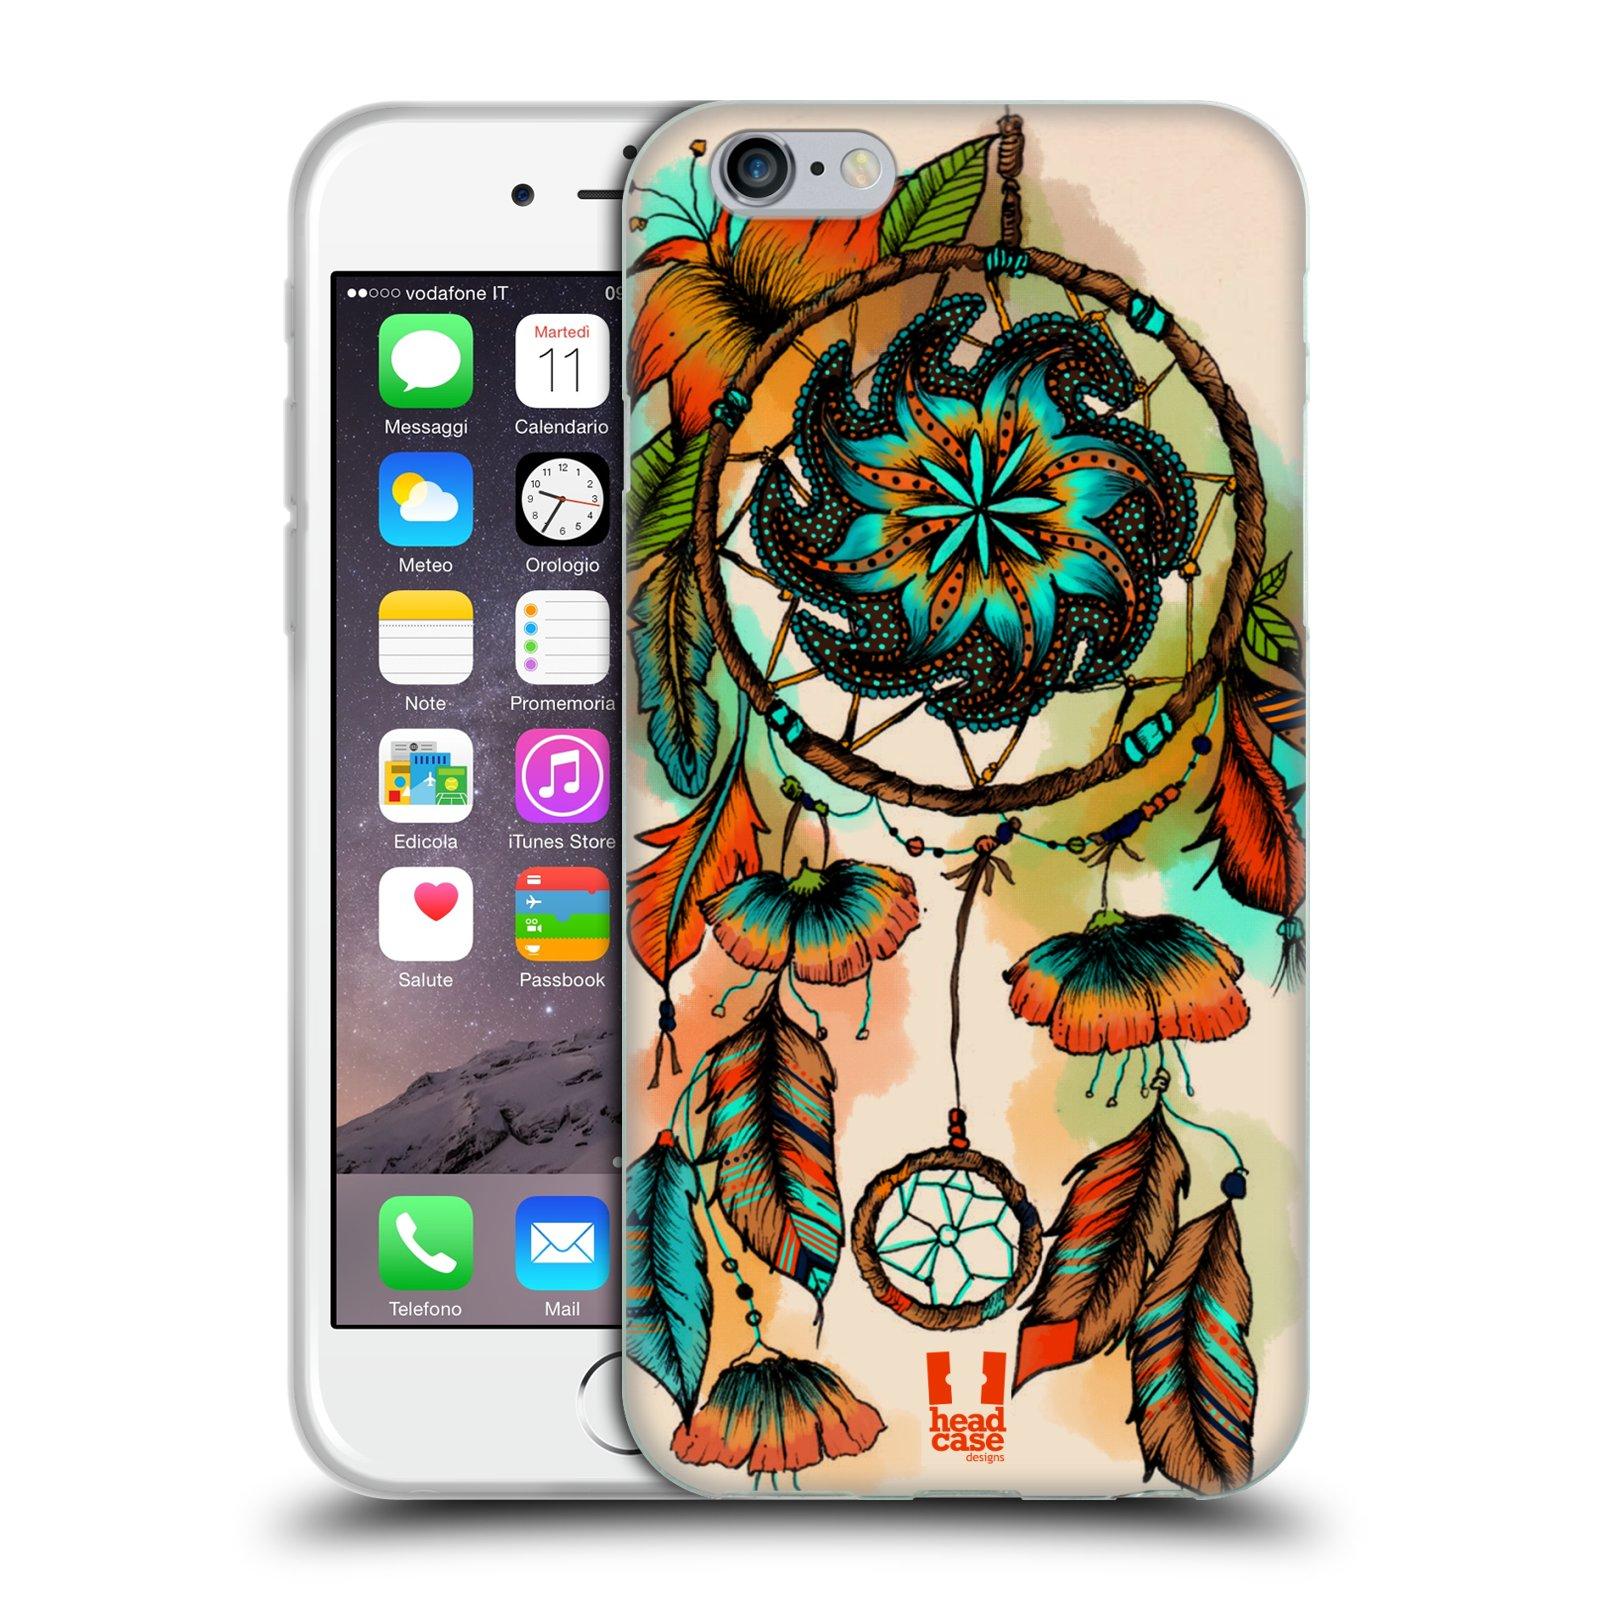 HEAD CASE silikonový obal na mobil Apple Iphone 6/6S vzor Květy lapač snů merňka oranžová